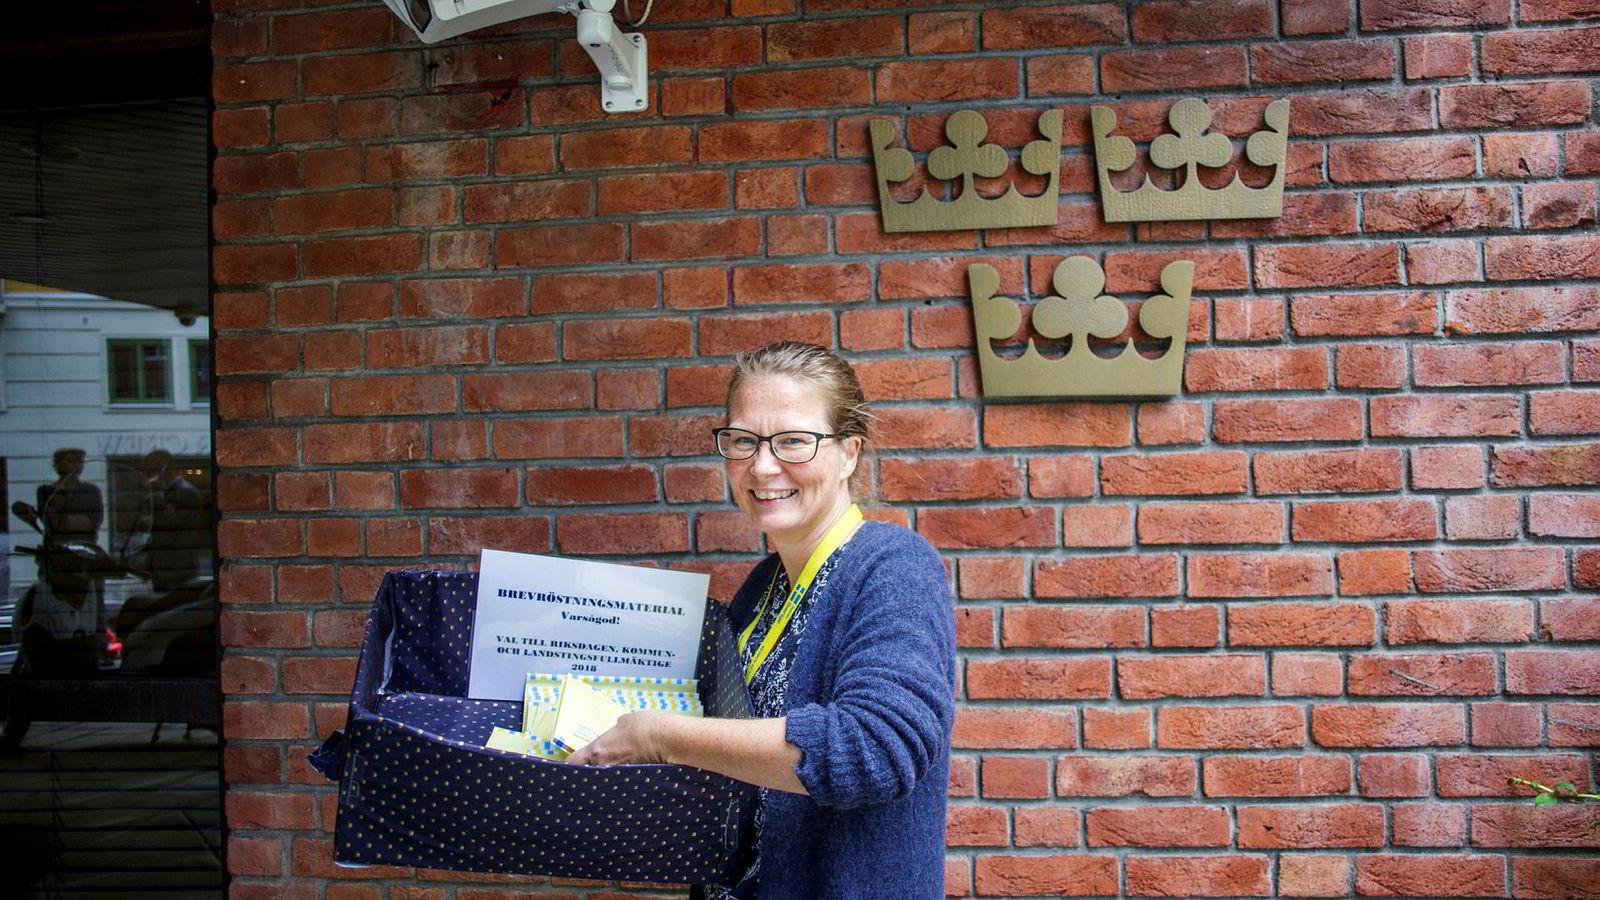 Ministerråd Susann Nilsson ved Sveriges ambassade i Oslo hadde fredag fortsatt en kurv med blanketter for brevstemmer stående utenfor inngangsdøren. Men siste anledning til å forhåndsstemme ved ambassaden var tirsdag.